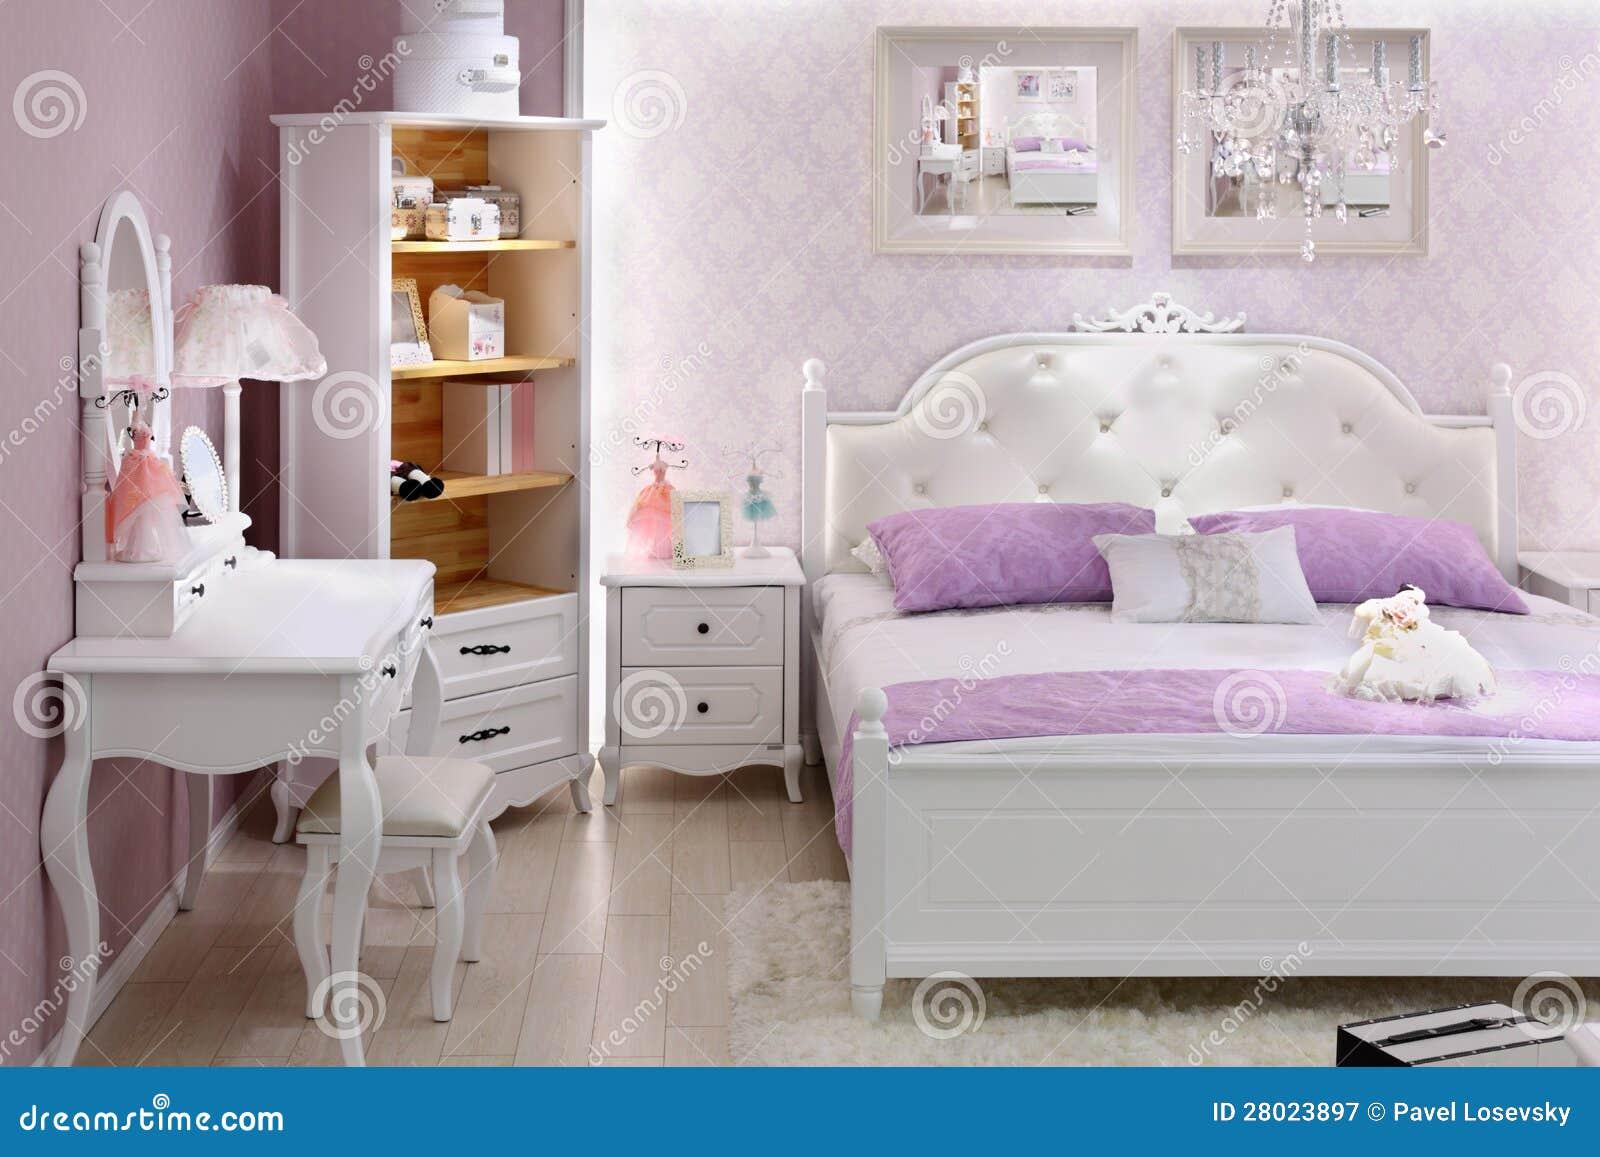 Camera da letto lilla alla moda con la doppia base - Pittura camera da letto lilla ...